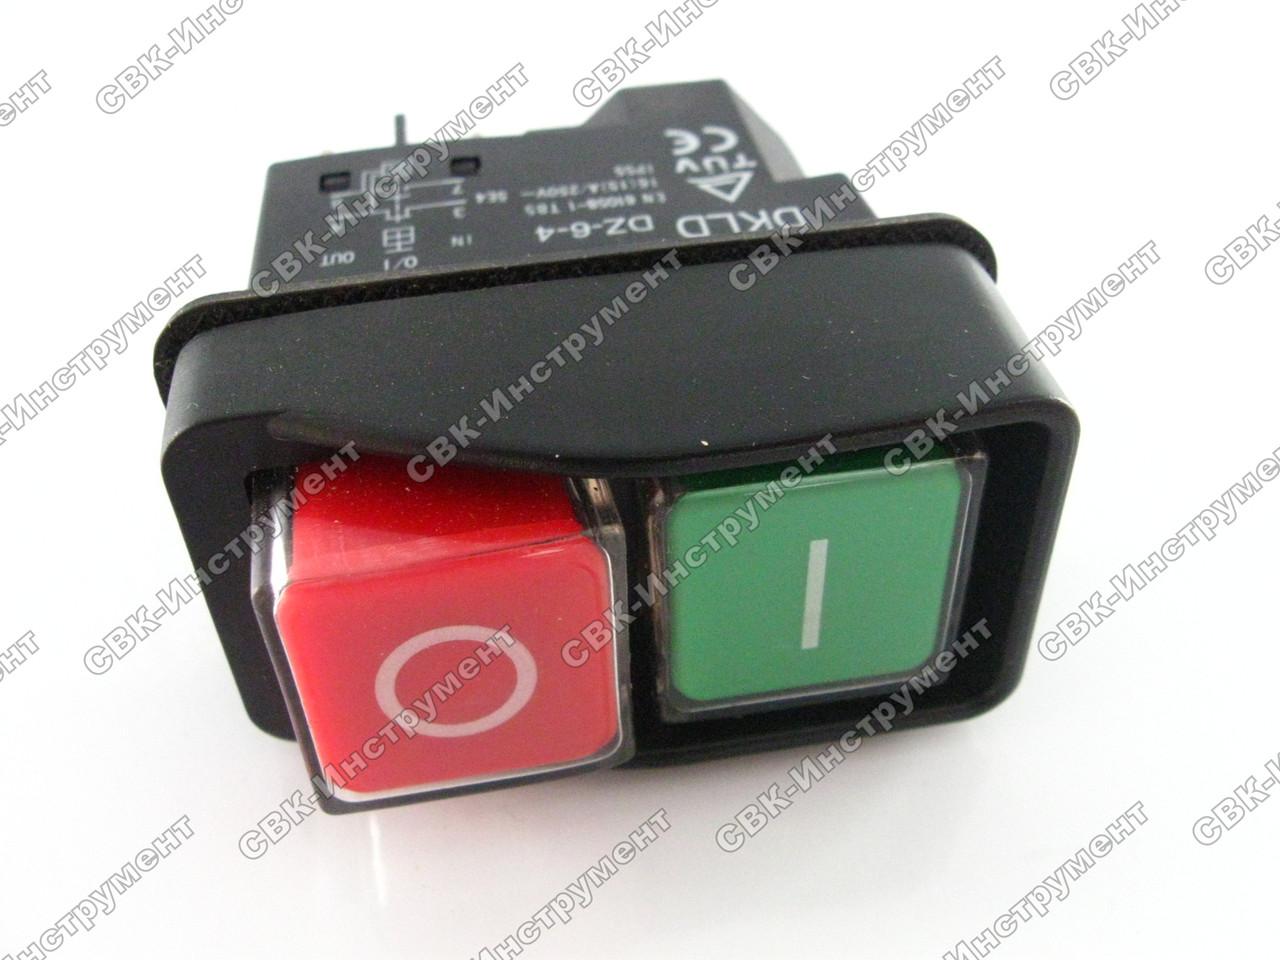 Кнопка бетономешалки / сверлильного станка черная 4 контакта